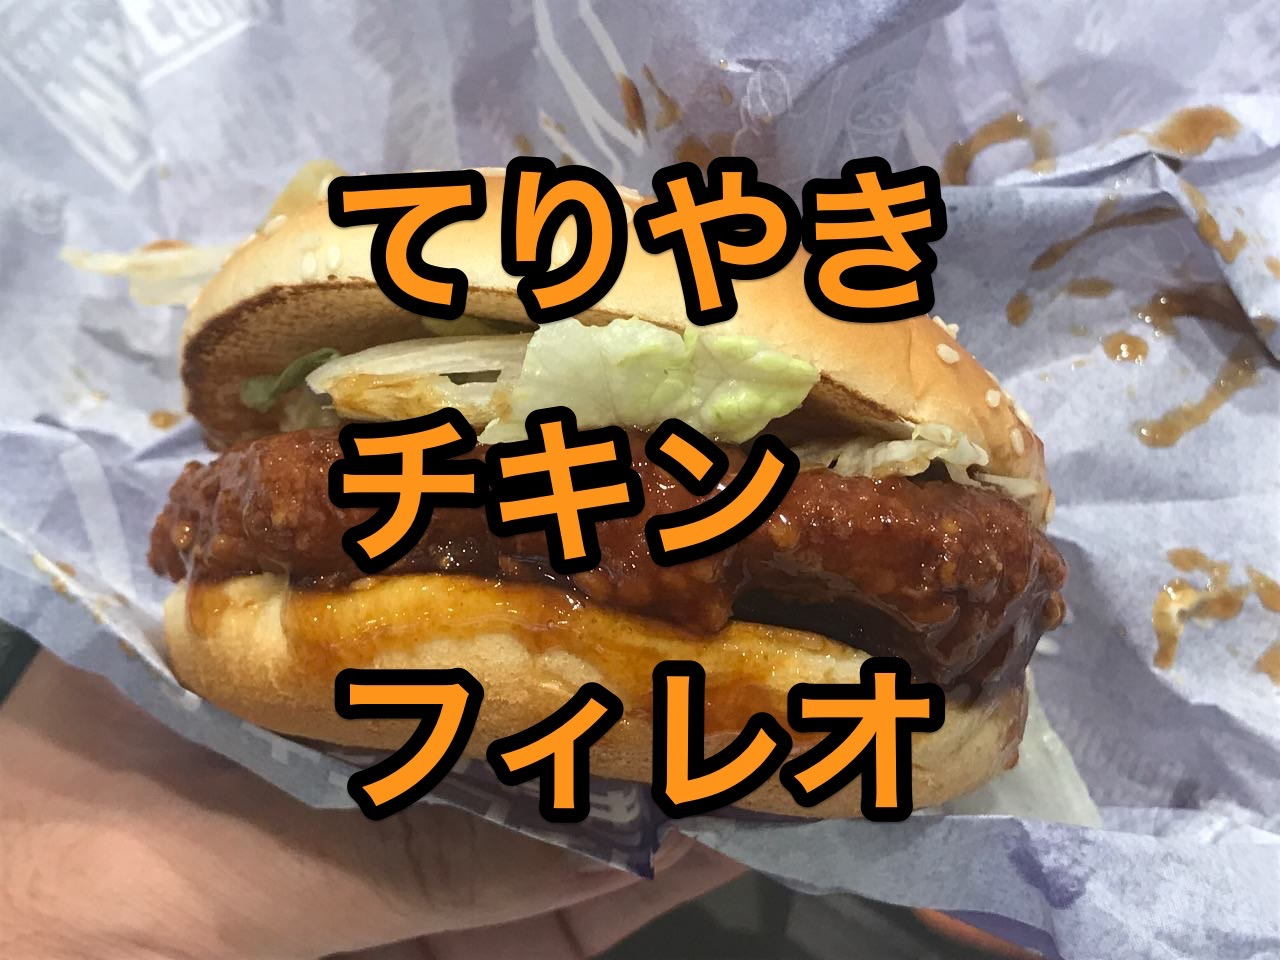 【マクドナルド】てりやきマックバーガー好きが「てりやきチキンフィレオ」を食べてみた【感想】